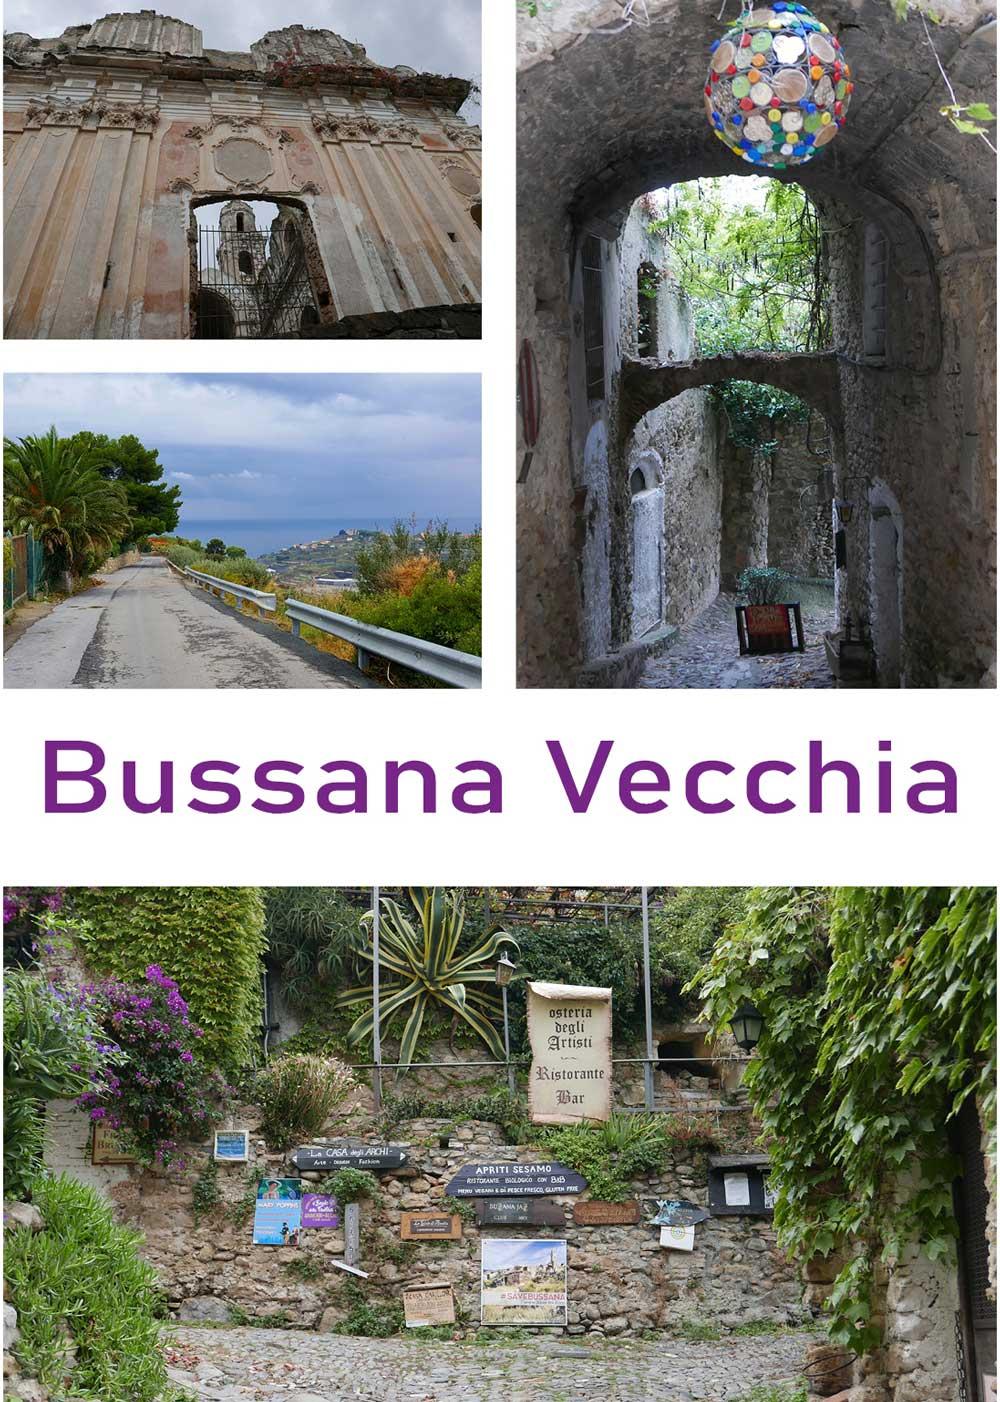 Bussana Vecchia - Italian Notes